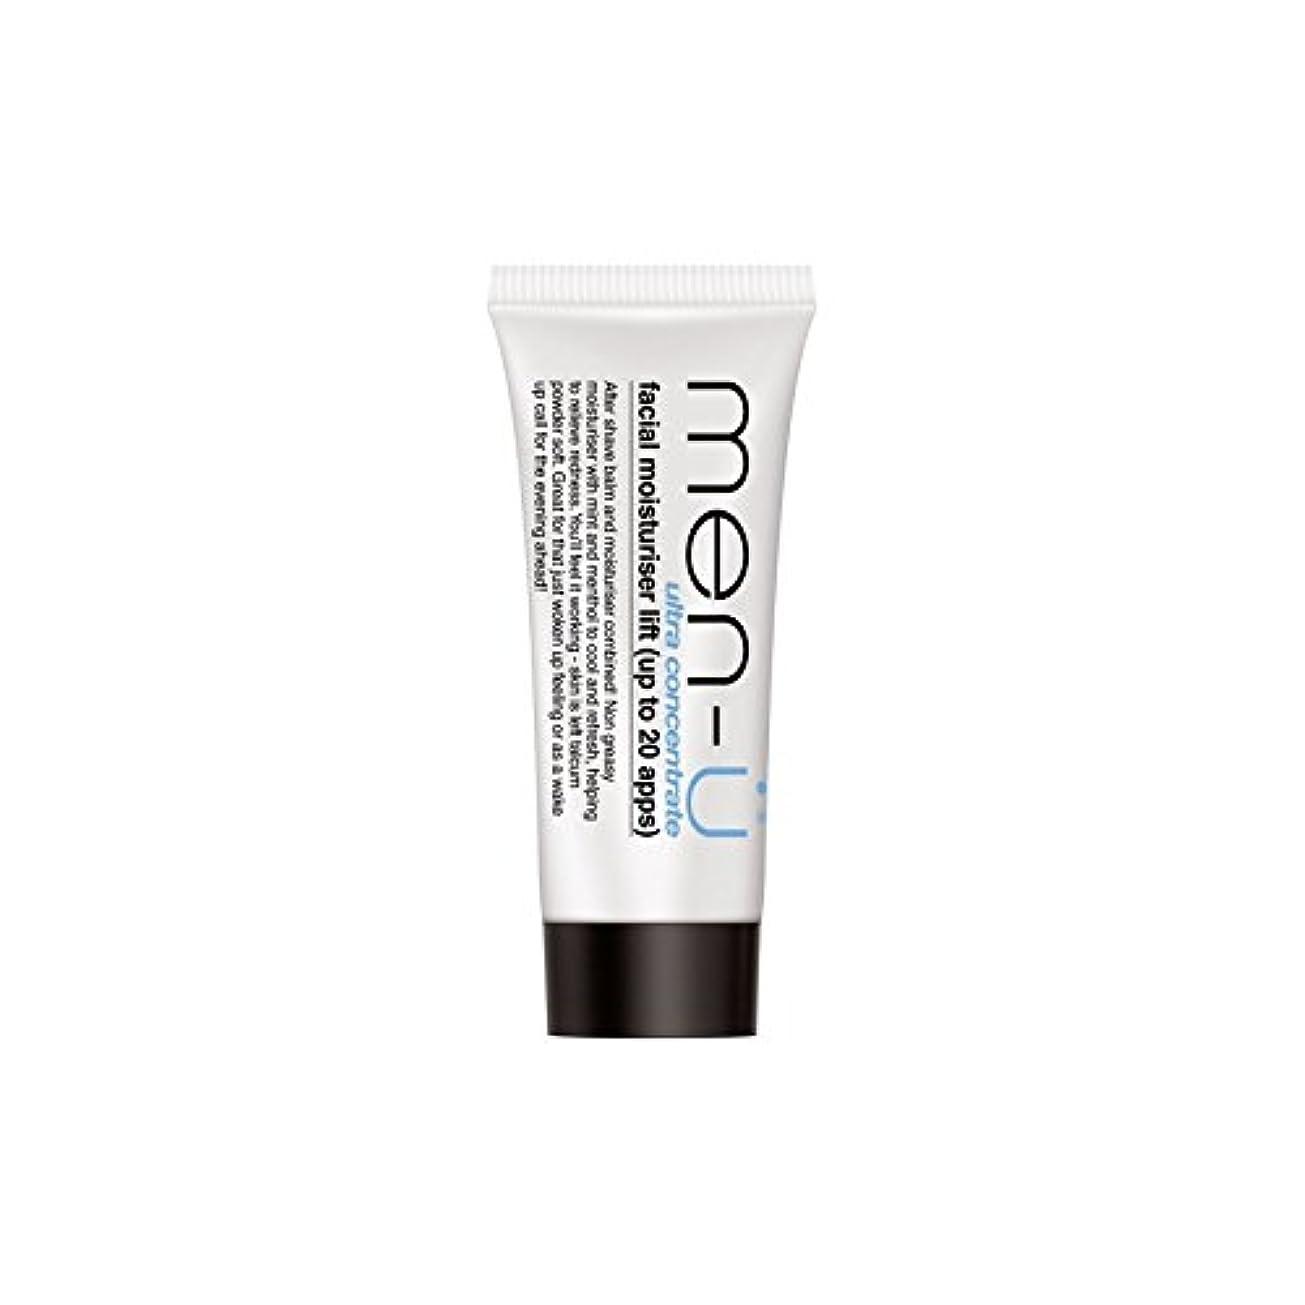 パラナ川ケーブル規模Men-? Buddy Facial Moisturiser Lift Tube (15ml) (Pack of 6) - 男性-のバディ顔の保湿剤のリフトチューブ(15ミリリットル) x6 [並行輸入品]